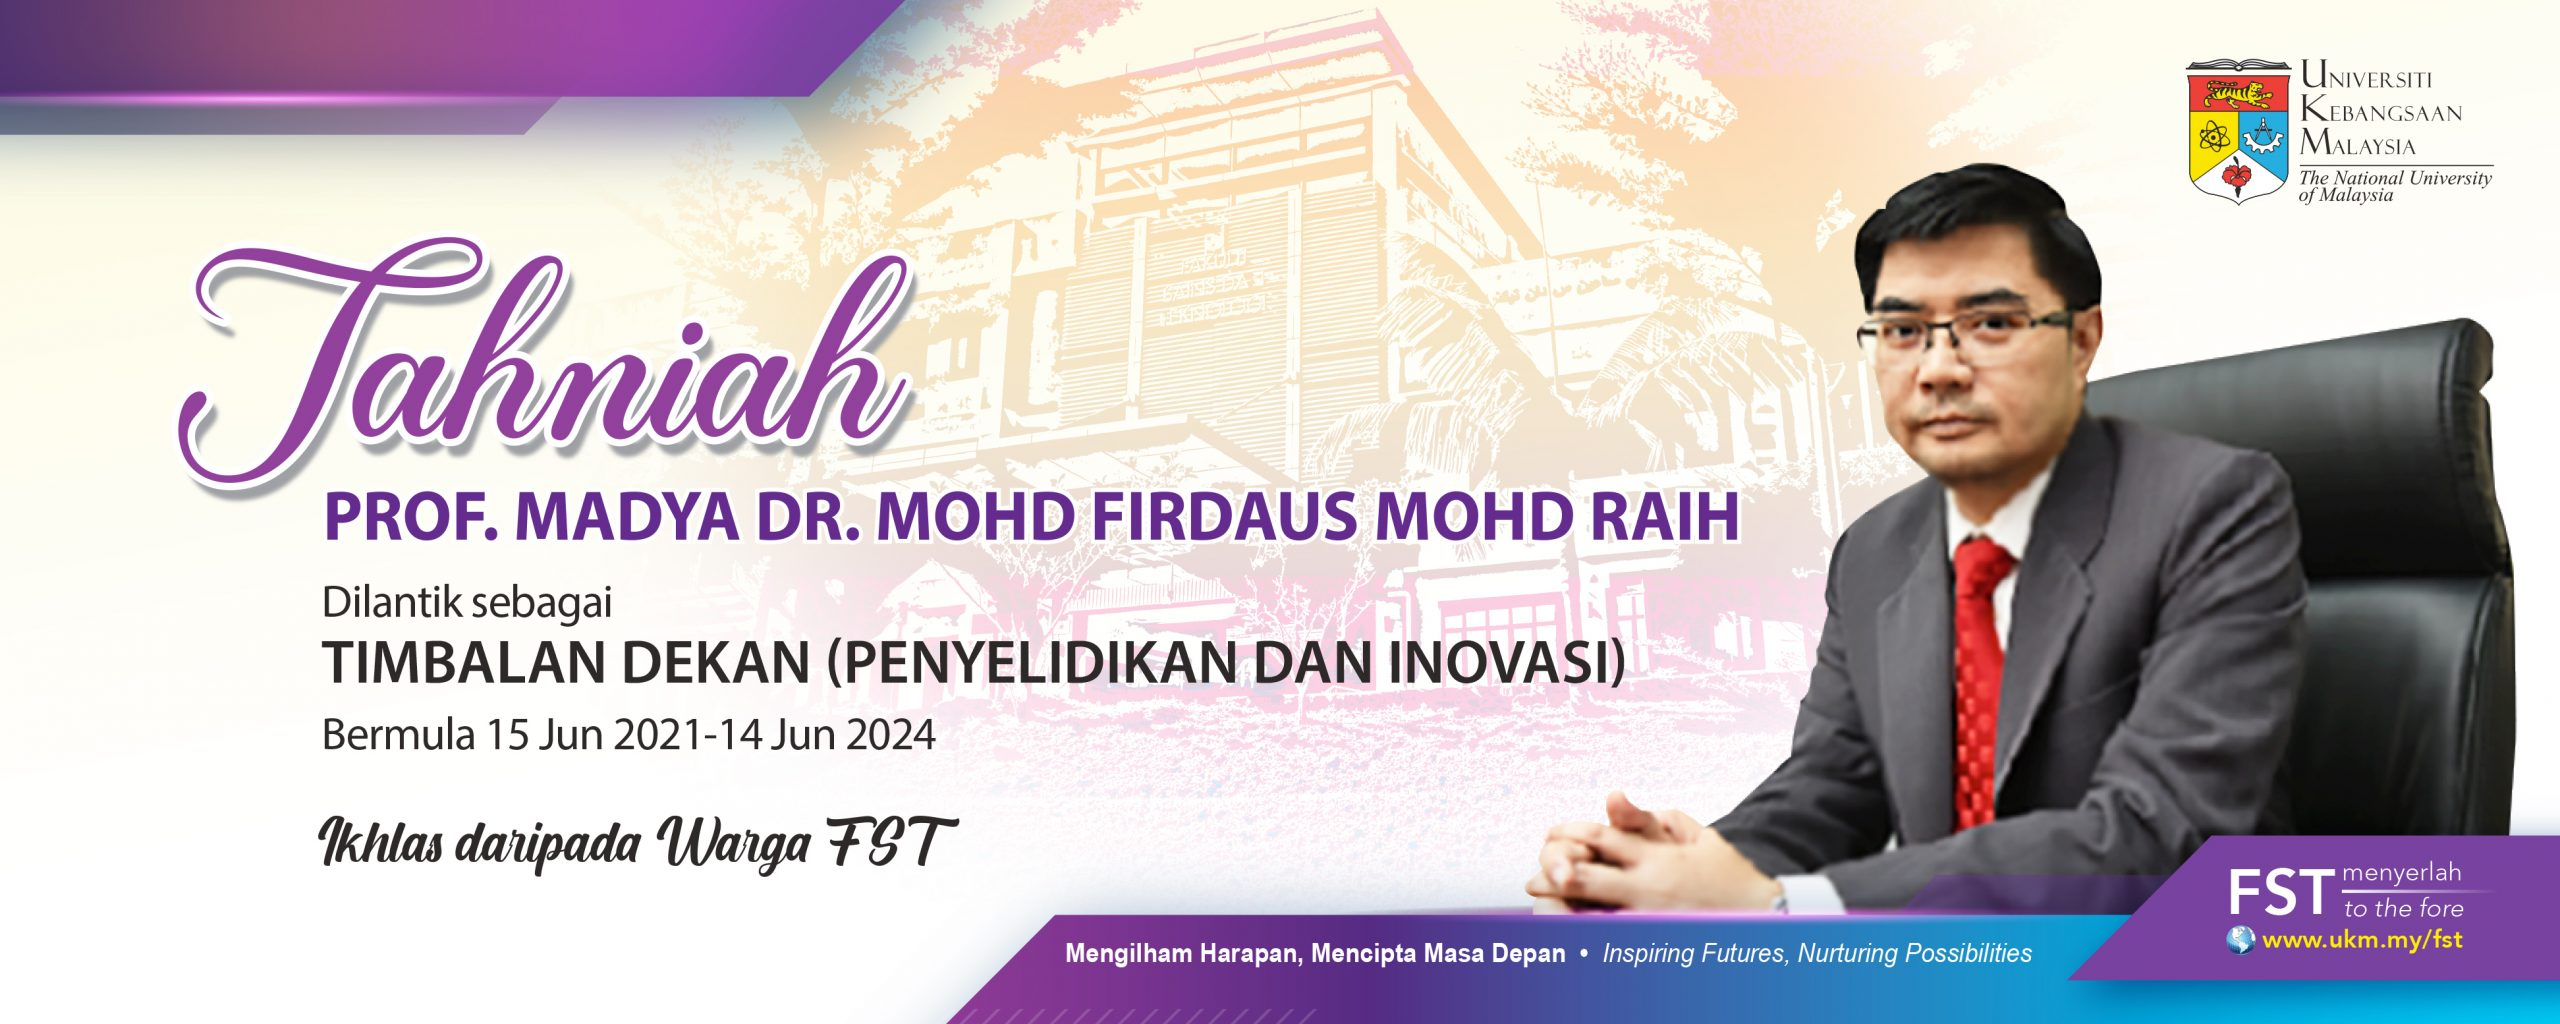 Tahniah Dr. Firdaus